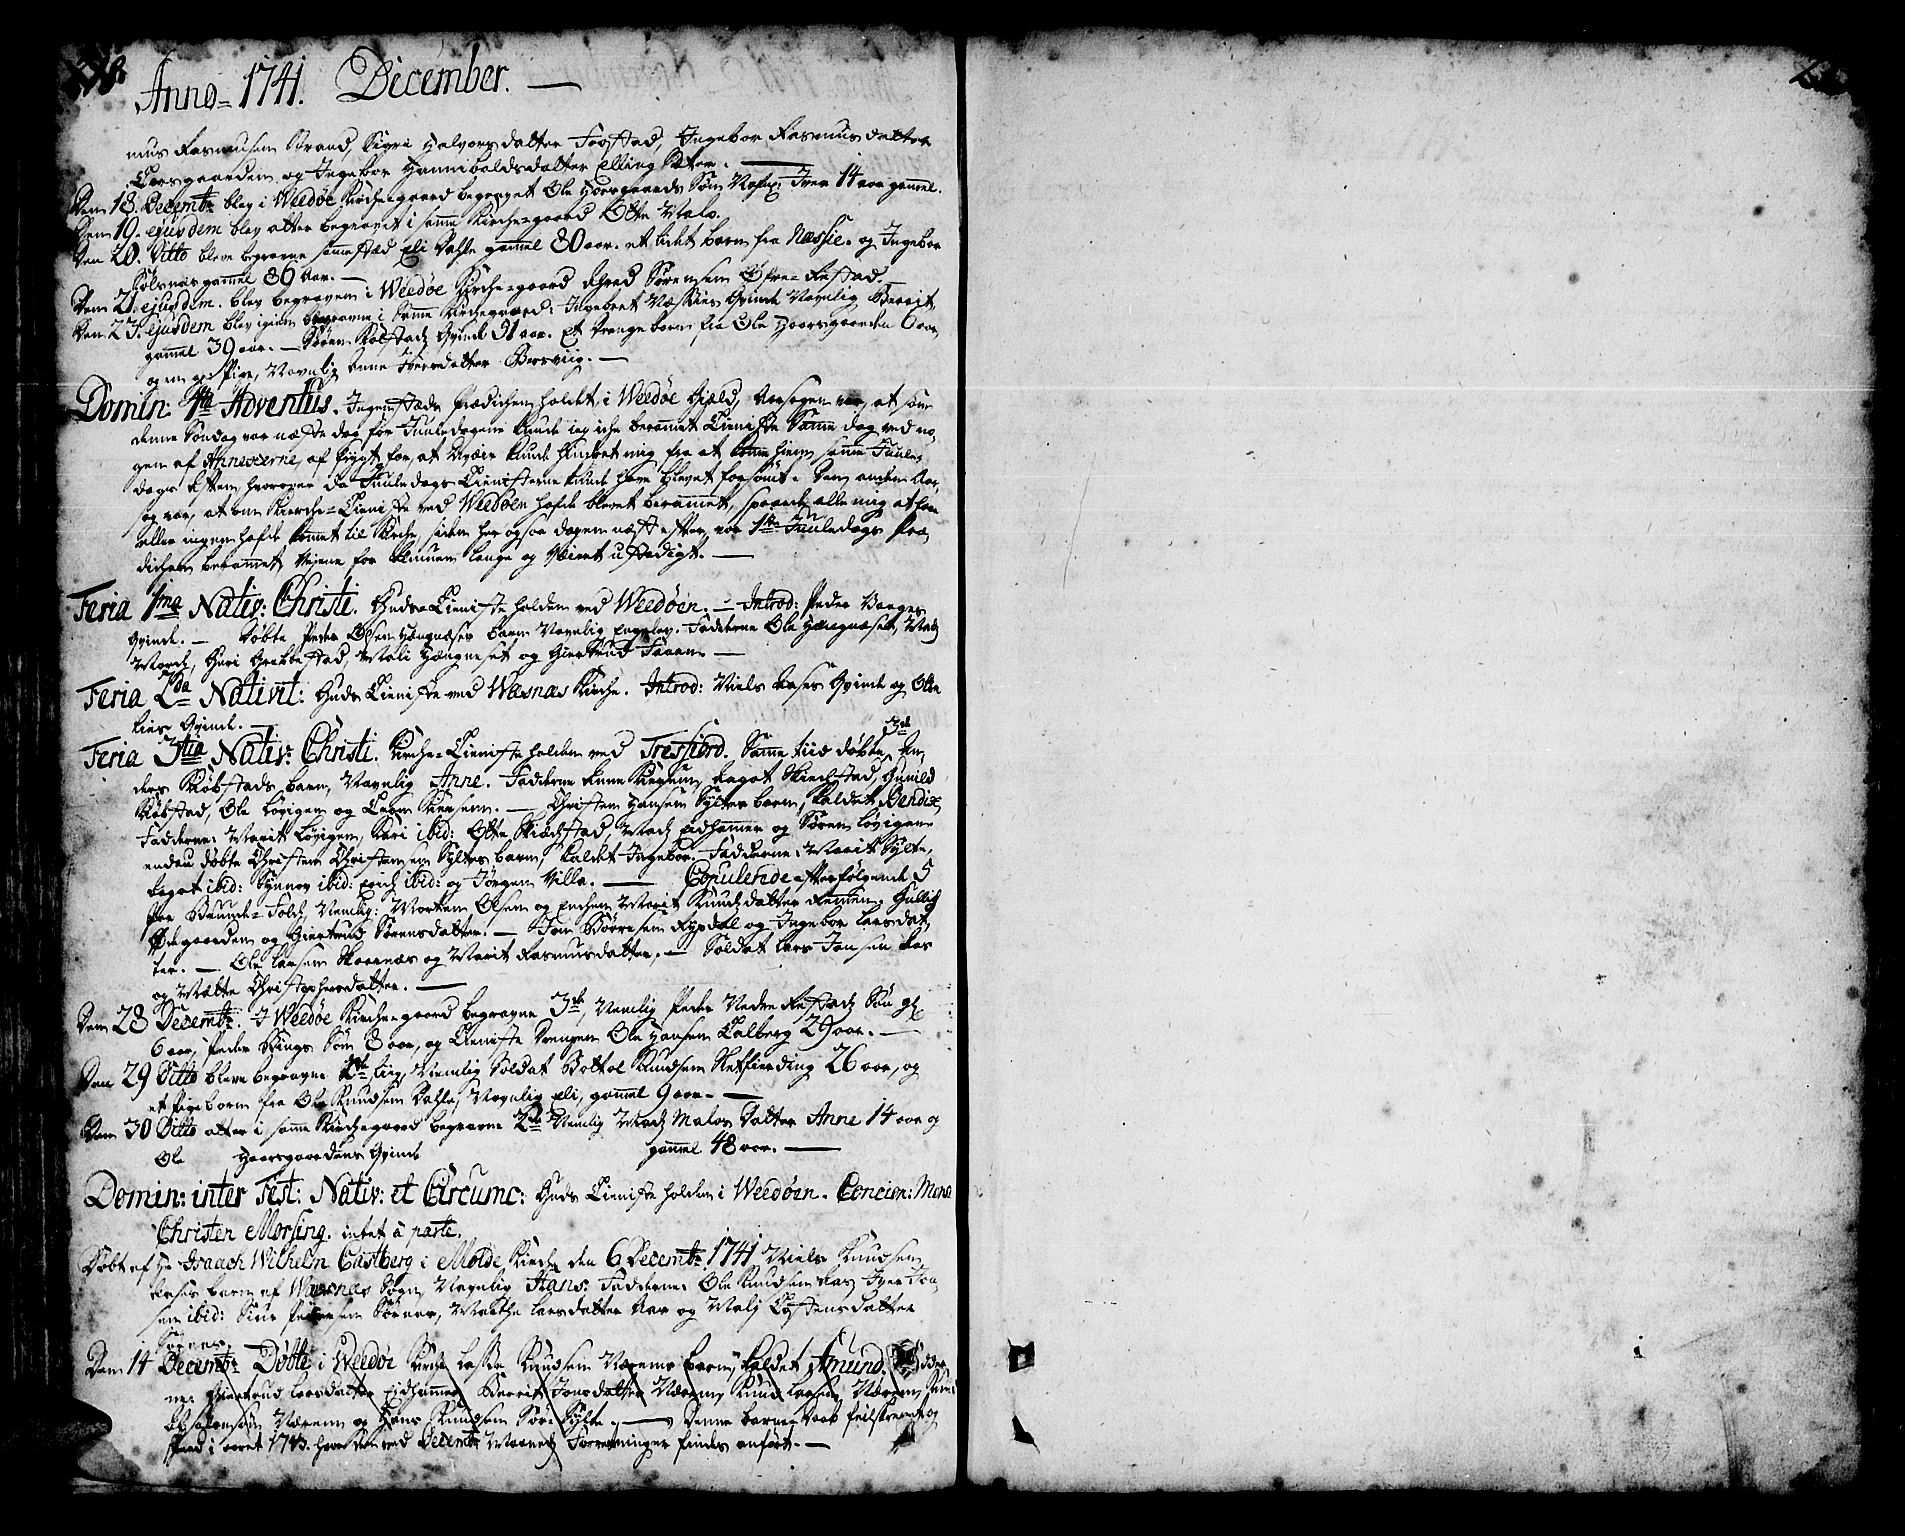 SAT, Ministerialprotokoller, klokkerbøker og fødselsregistre - Møre og Romsdal, 547/L0599: Parish register (official) no. 547A01, 1721-1764, p. 218-219